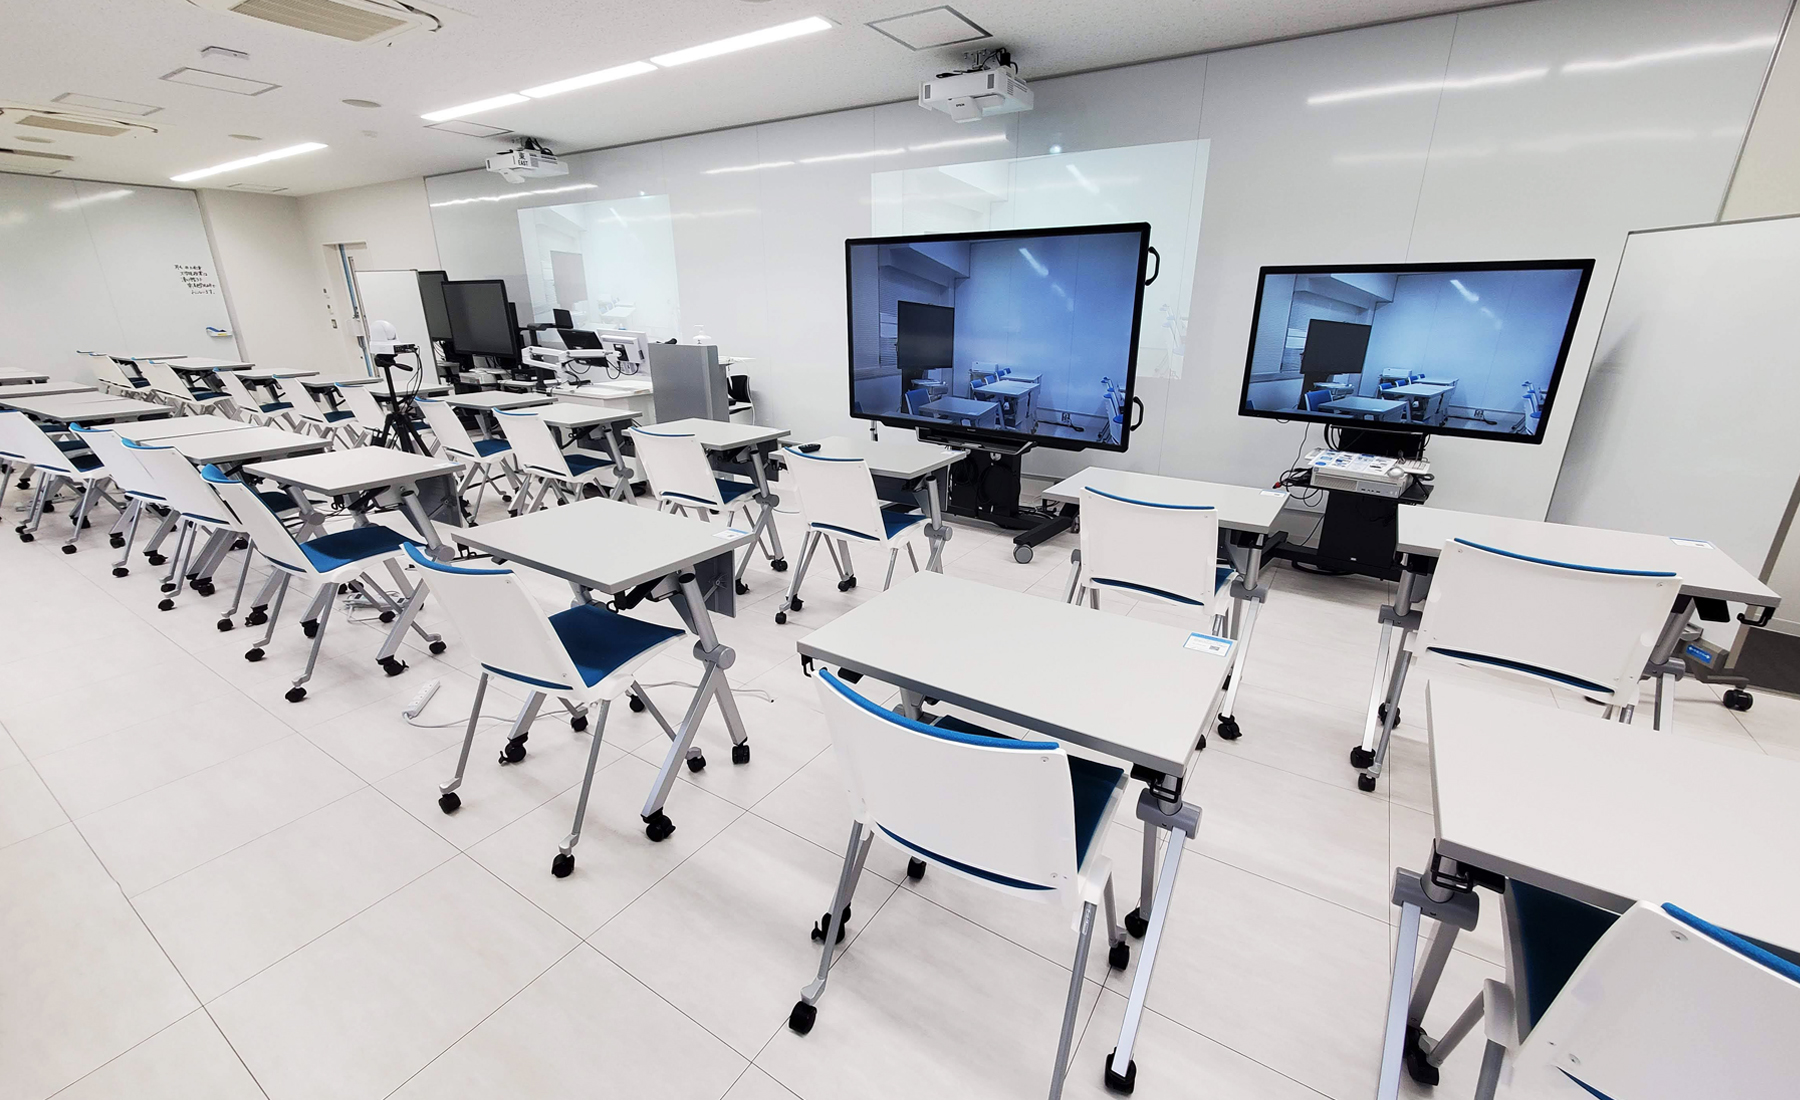 グループワークを中心とした授業が行われる教室